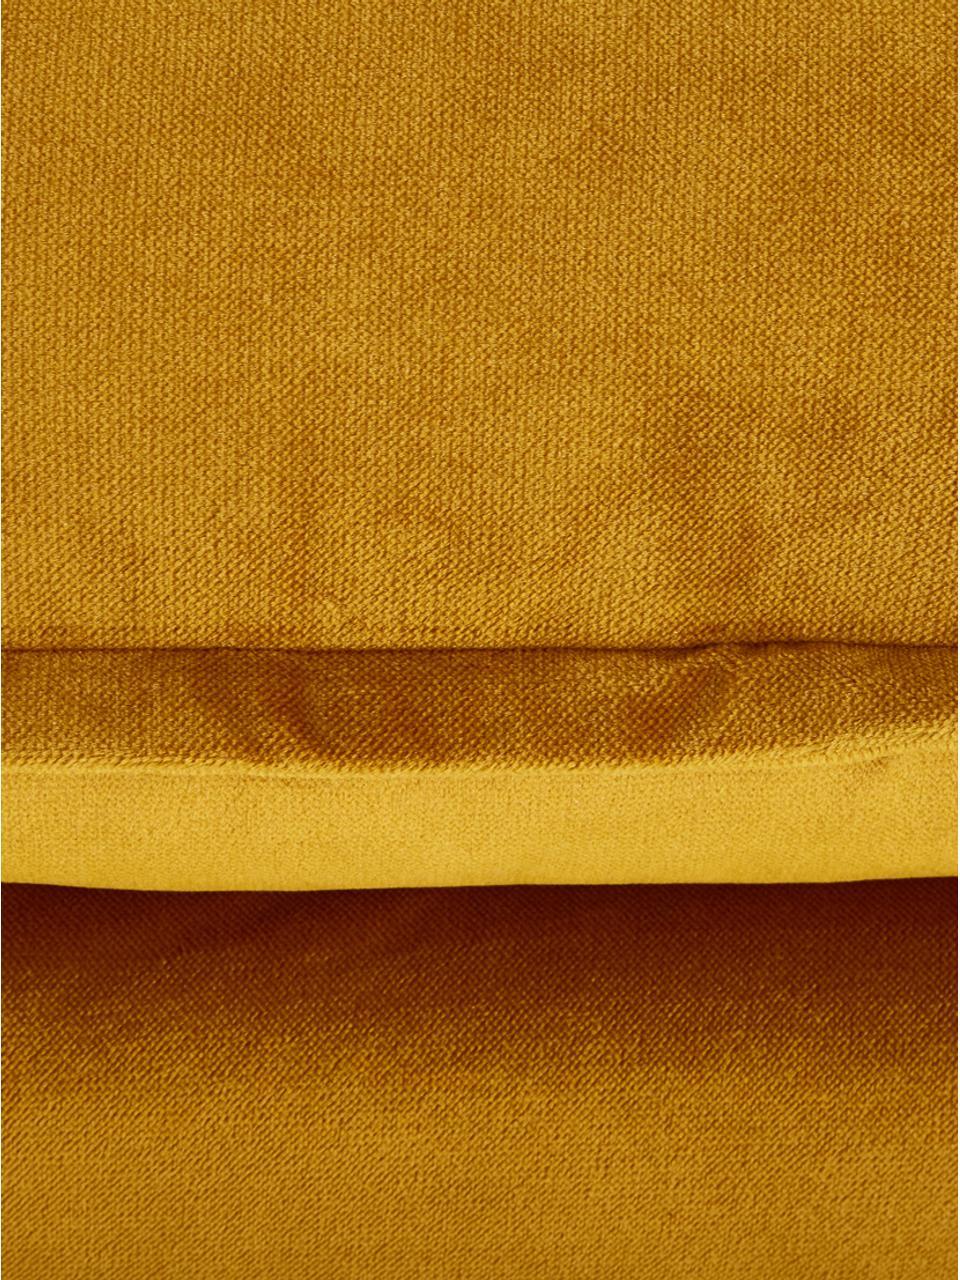 Divano 2 posti in velluto giallo ocra Retro, Rivestimento: velluto di poliestere 86., Sottostruttura: schiuma fredda (schiuma H, Piedini: metallo verniciato a polv, Velluto ocra, Larg.175 x Prof. 83 cm